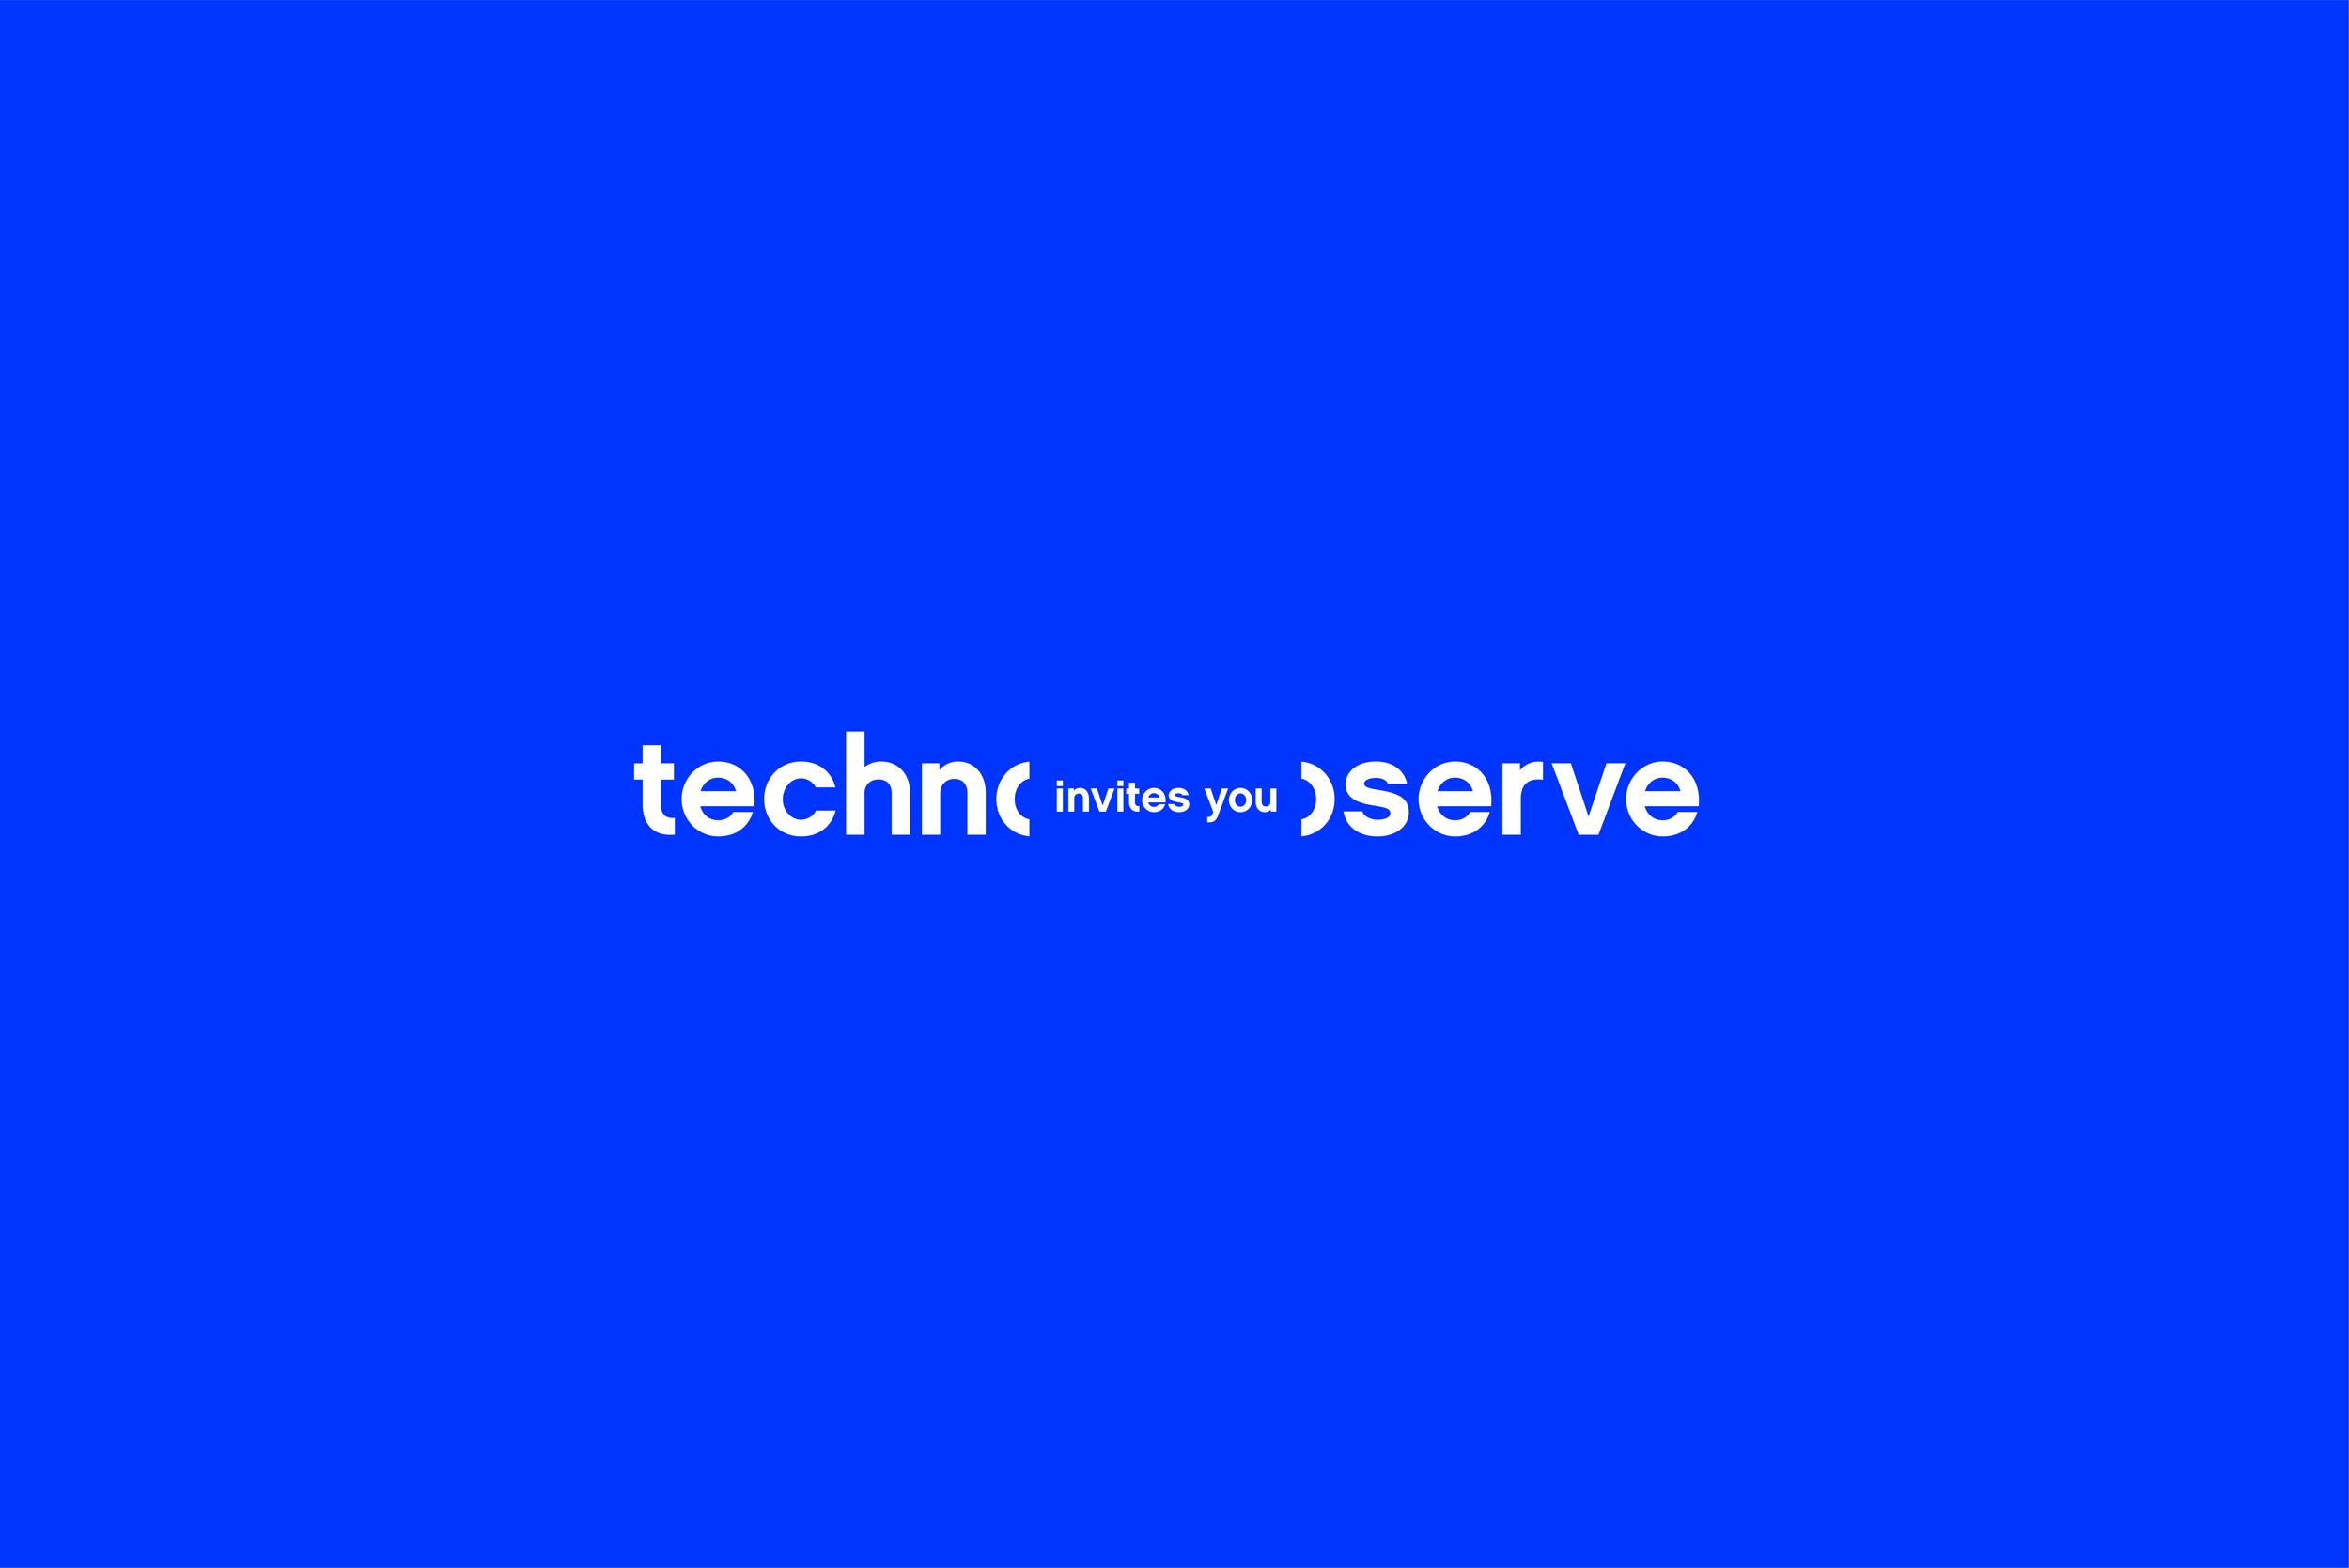 Technoserve_gala_v3-13.png